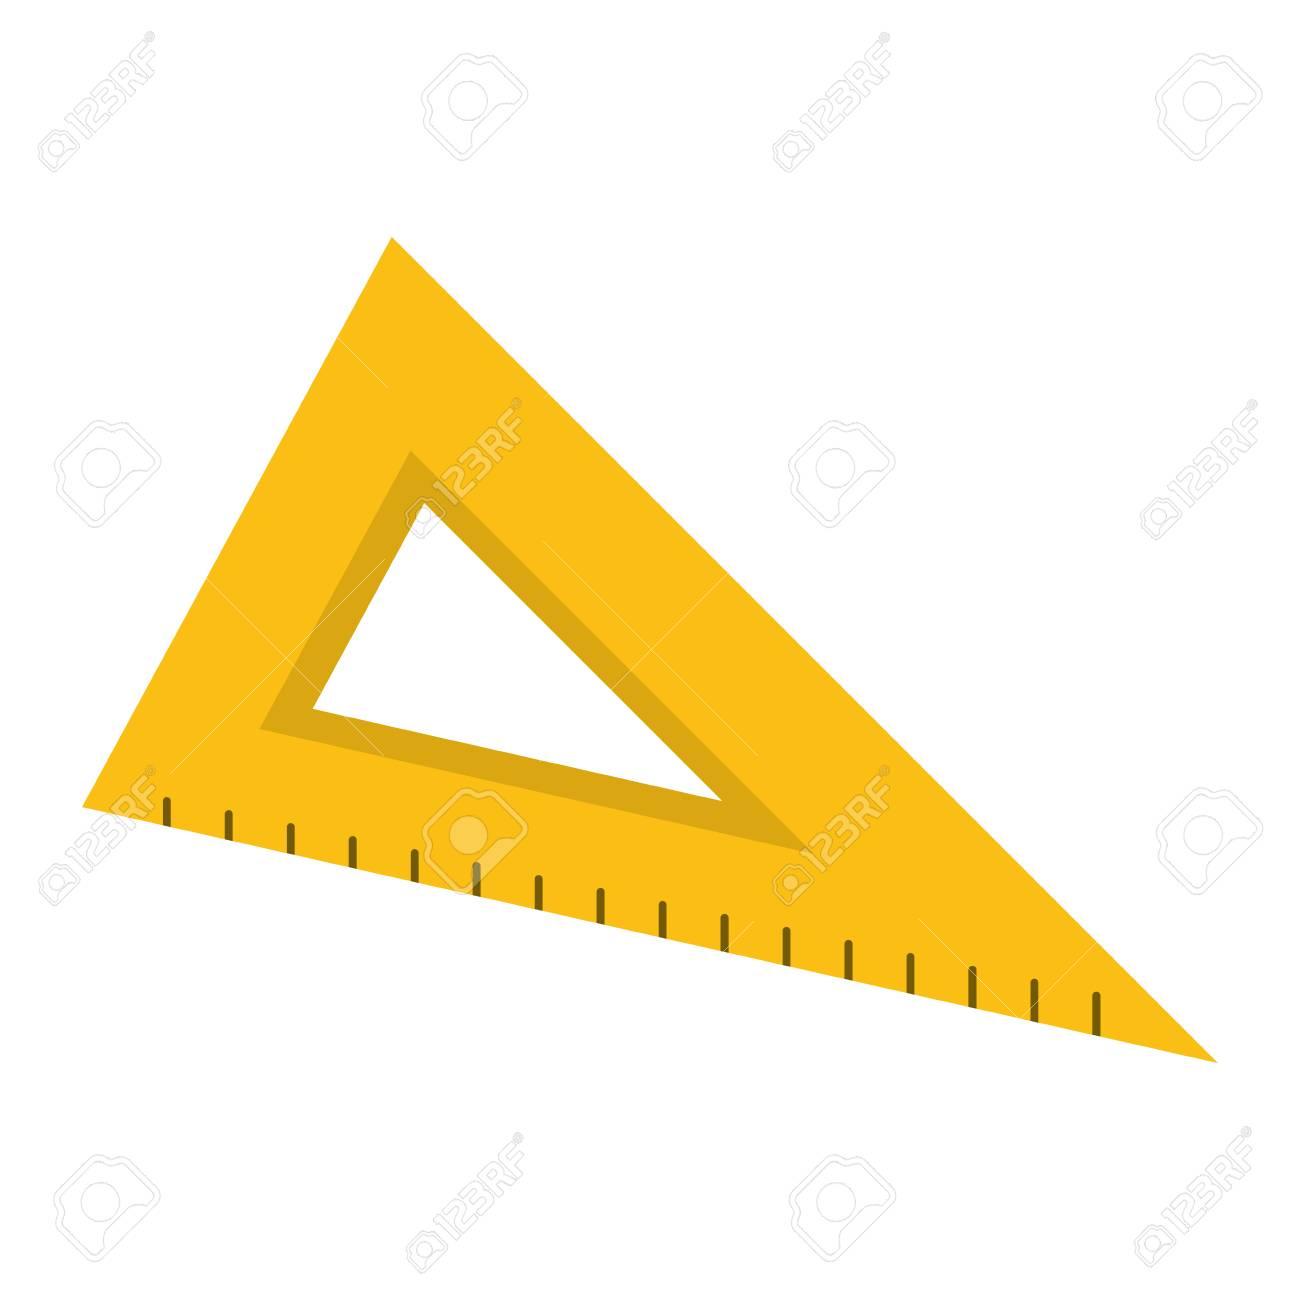 学校三角定規アイコン ベクトル イラスト グラフィック デザインの